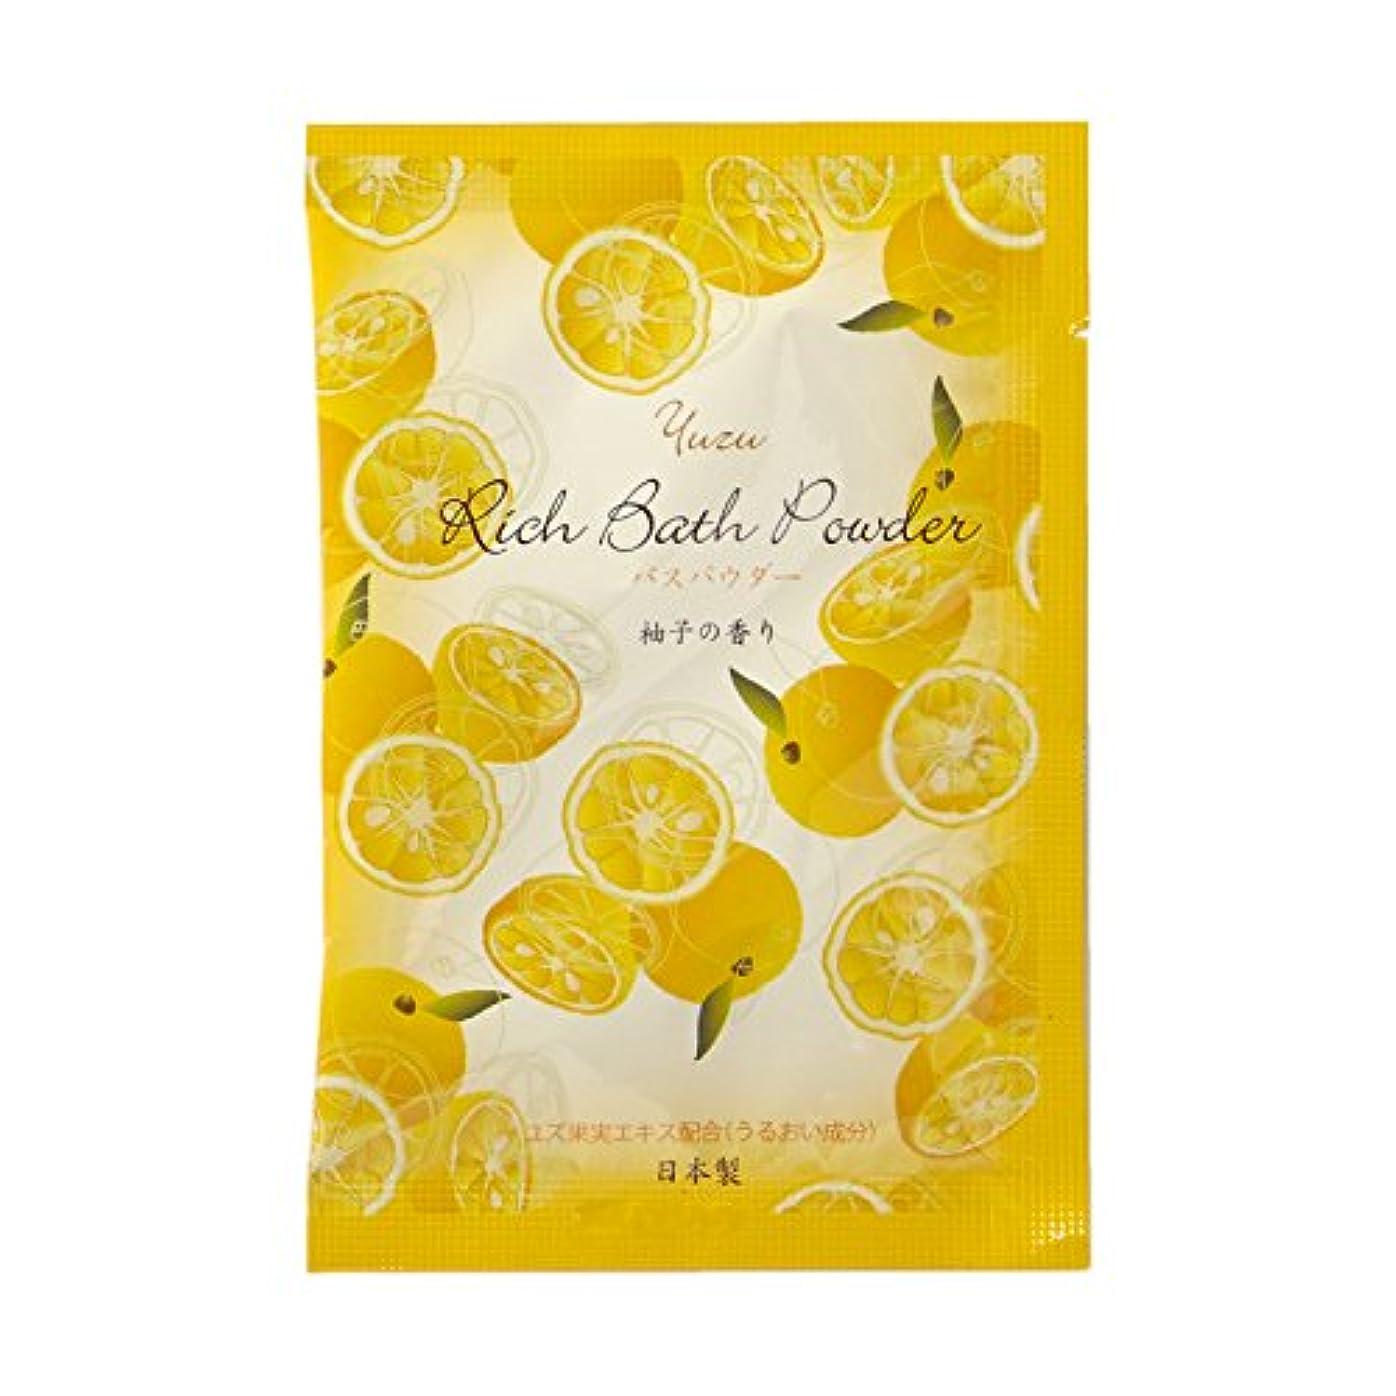 滴下ビタミン練習リッチバスパウダー20g(柚子の香り) 40個